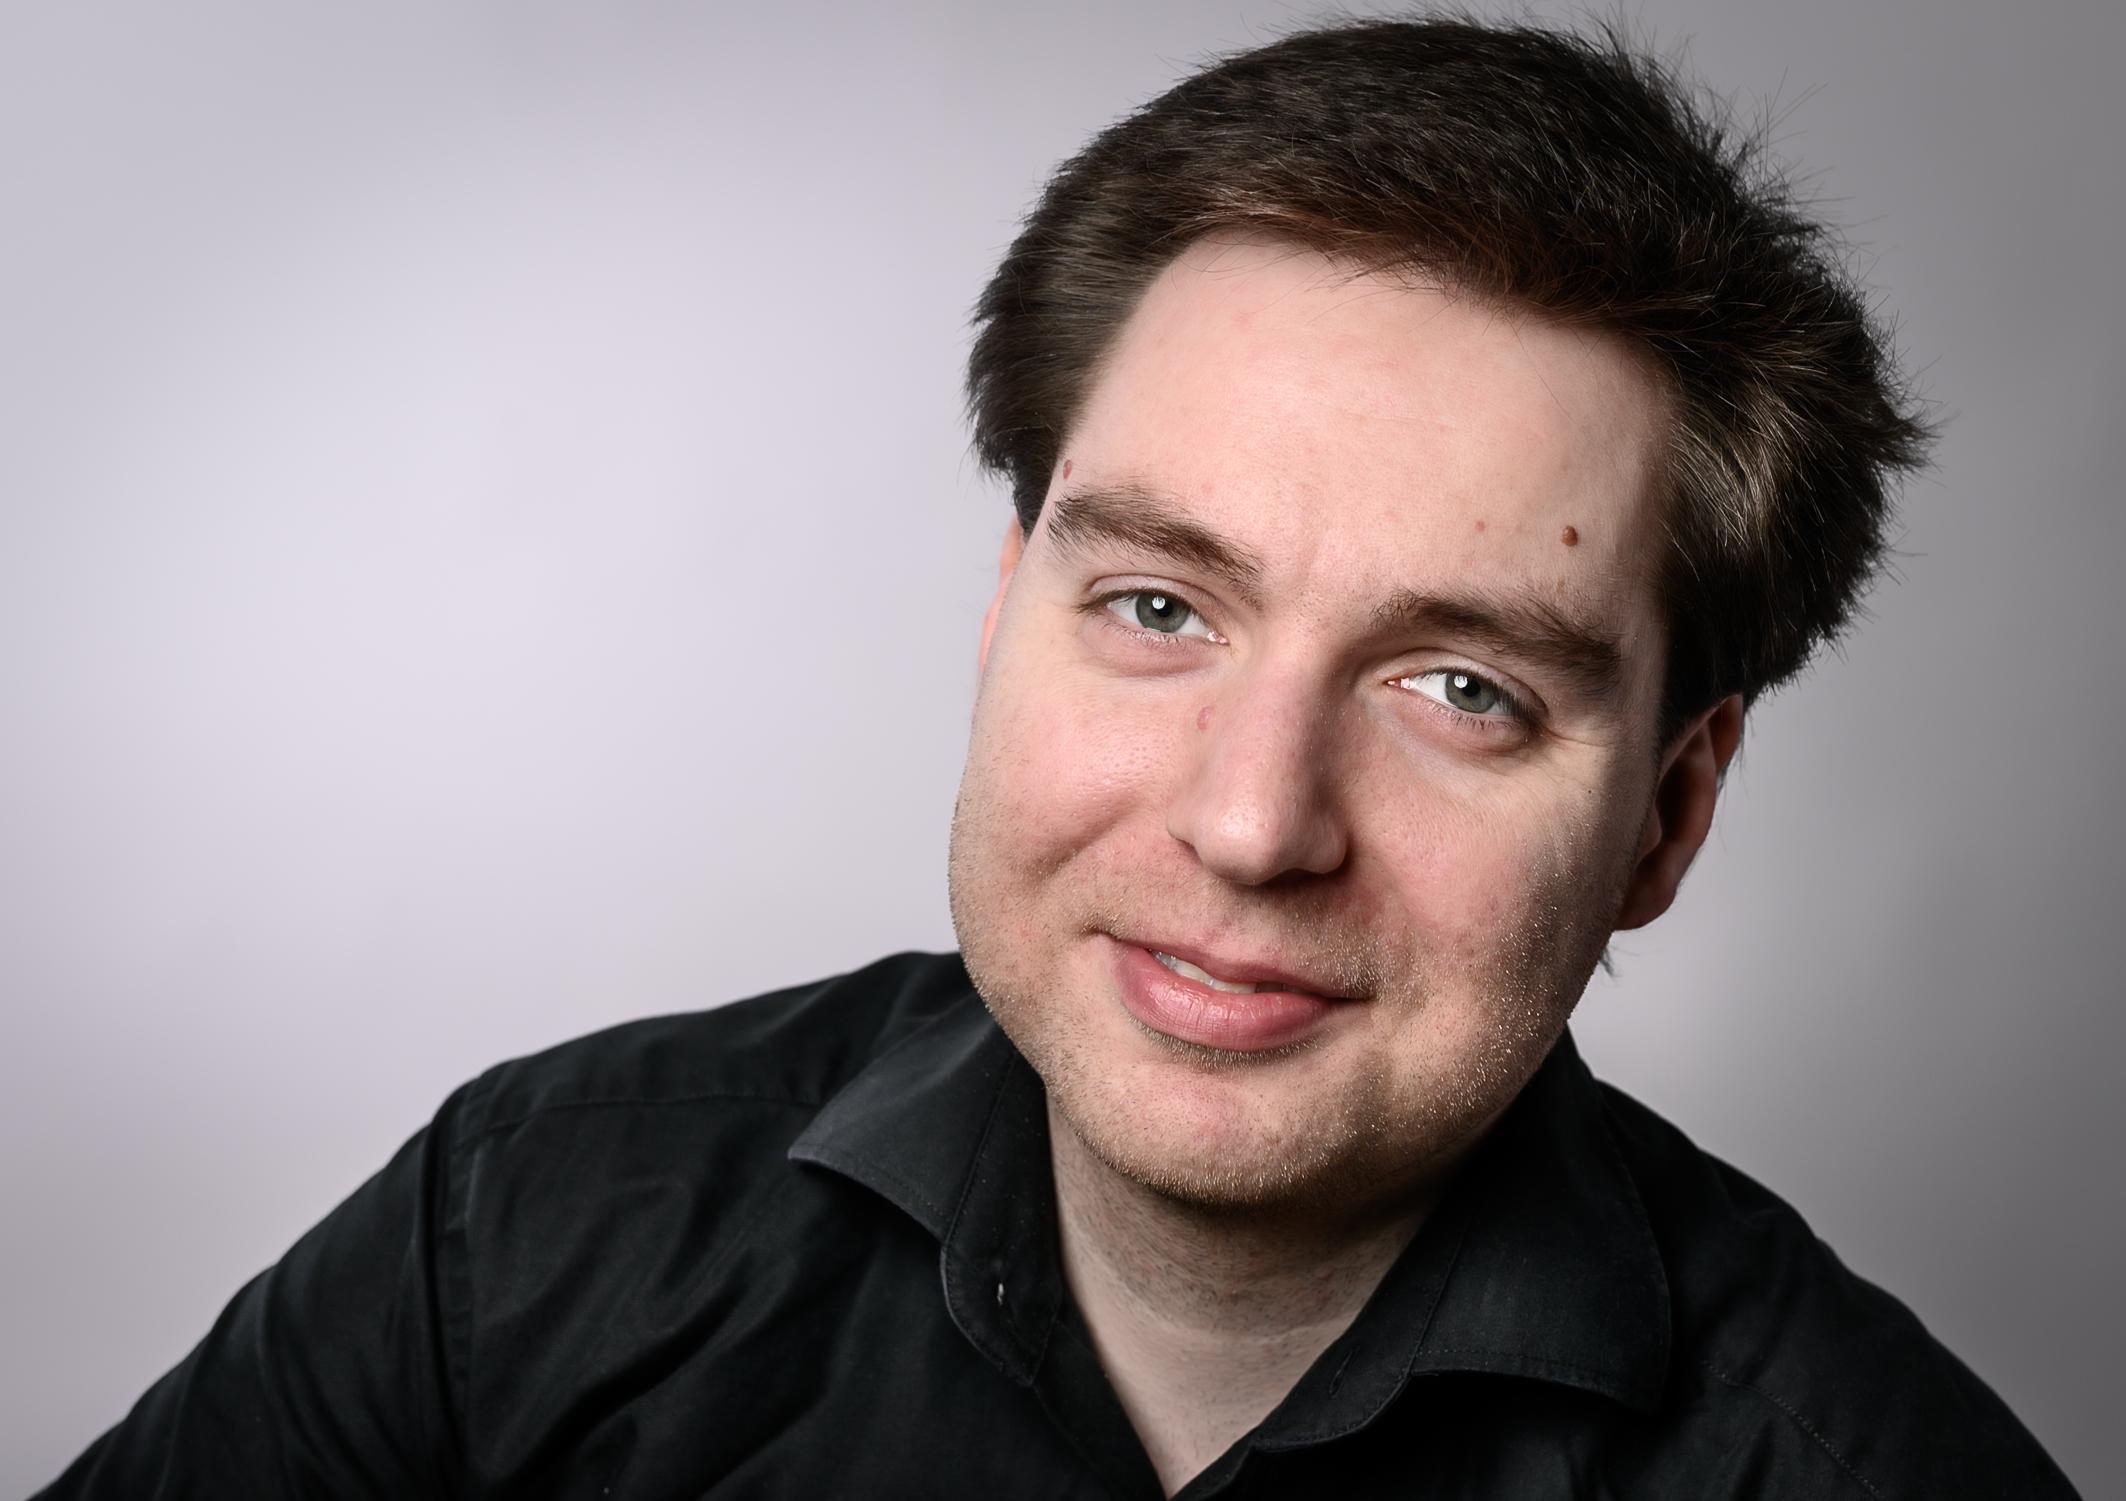 portrait Foto von Daniel Klein